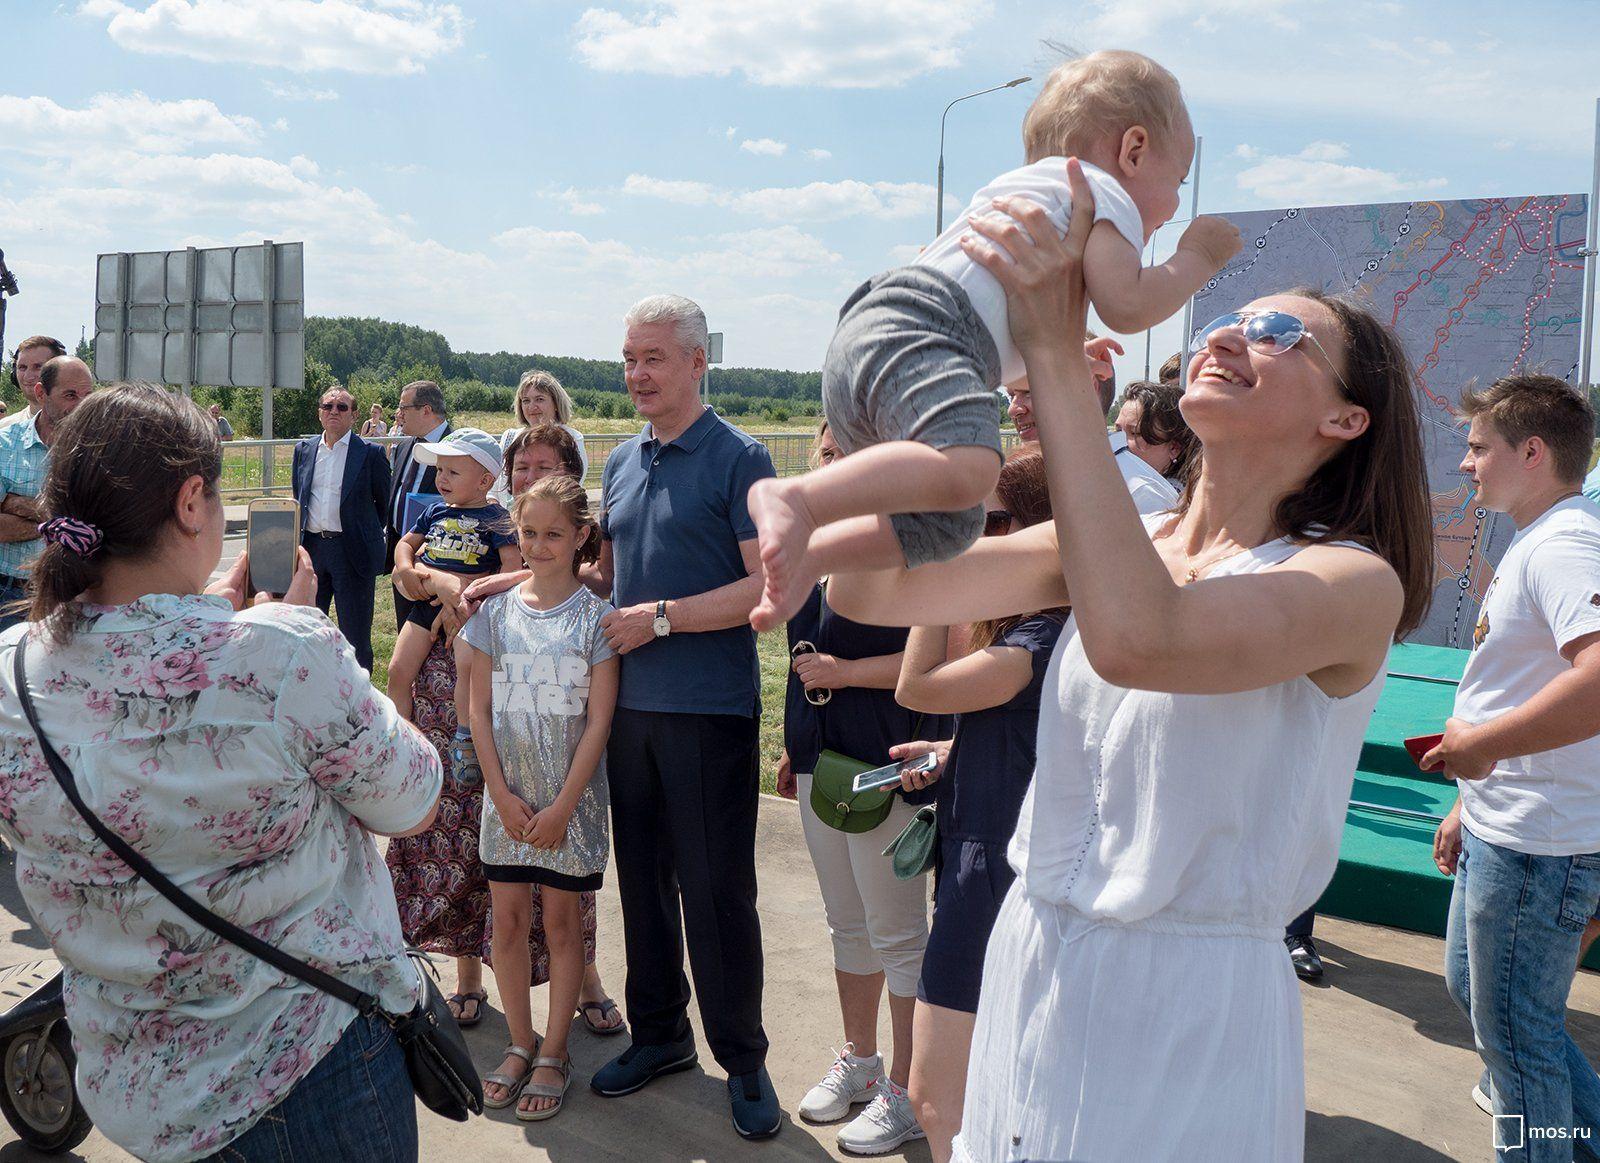 Молодые семьи рады переезду в Новую Москву. Фото: Пресс-служба Правительства Москвы/ Денис Гришкин